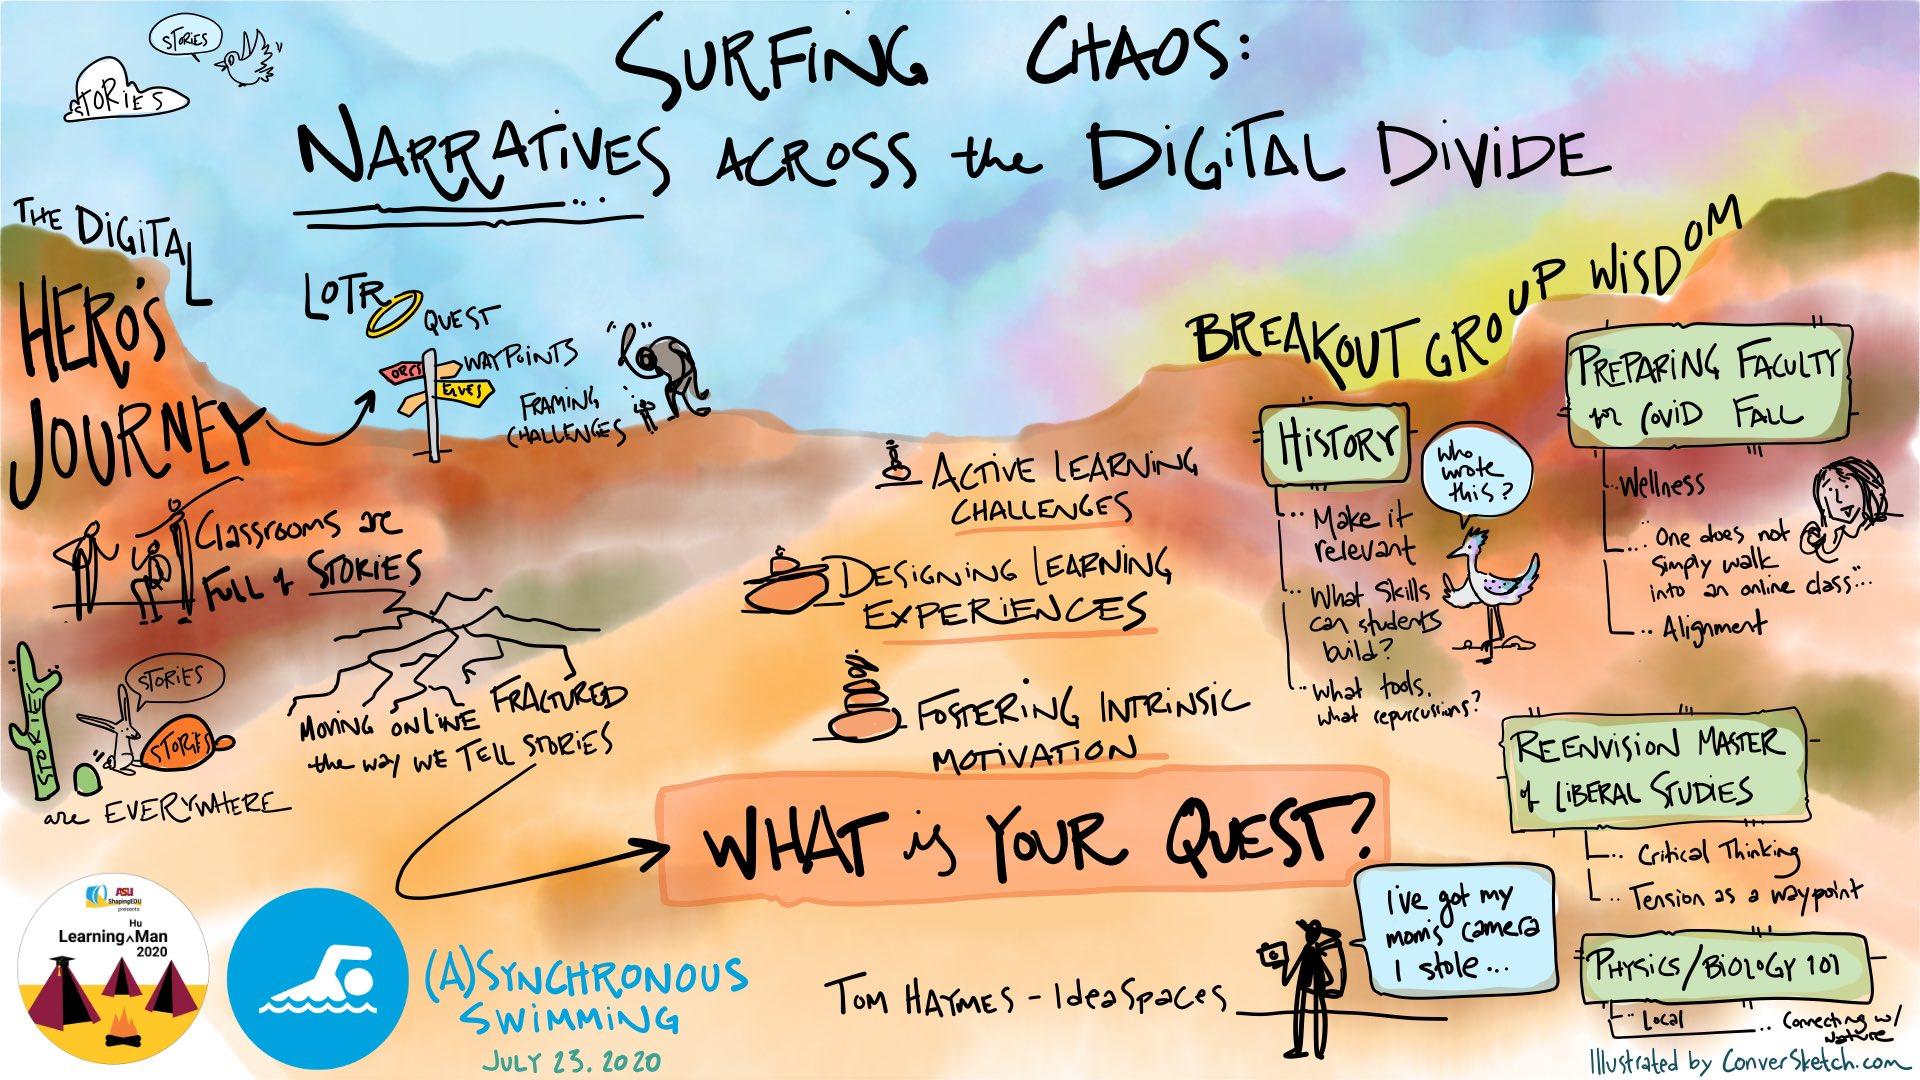 Conversketch Illustration of Digital Narratives Session